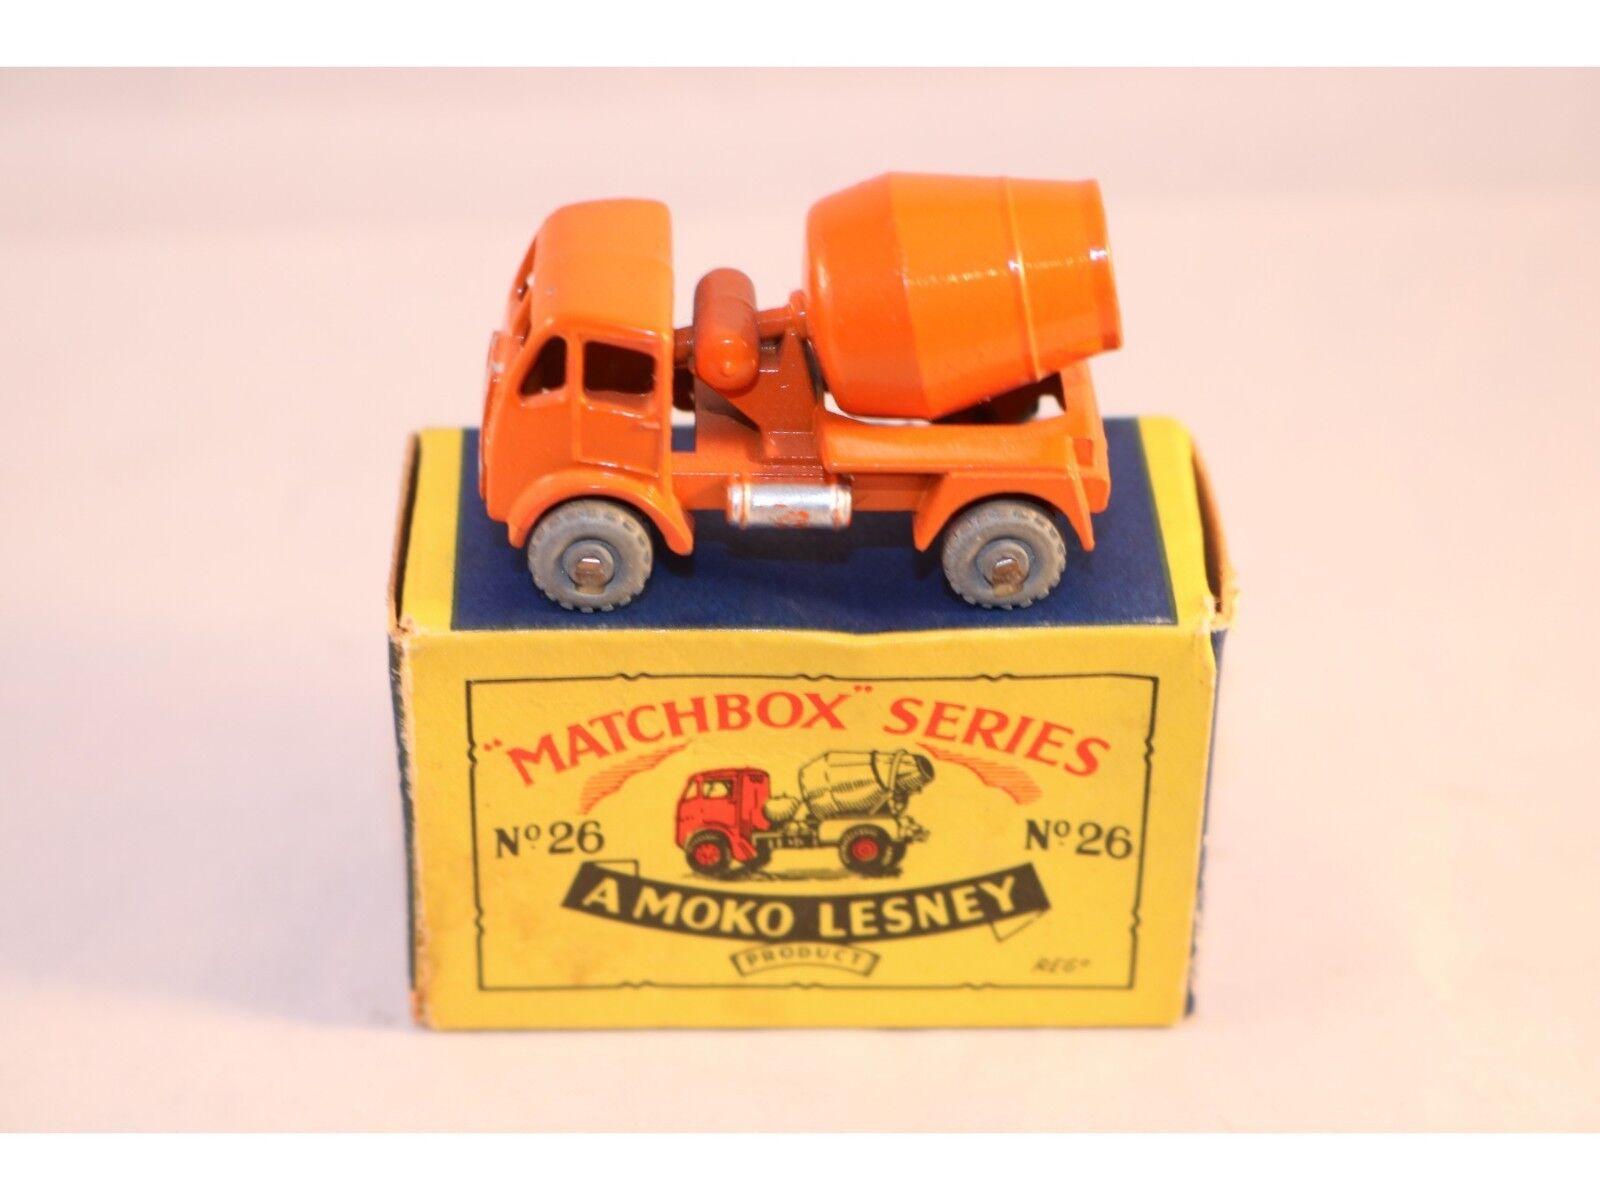 Matchbox A Moko Lesney No 26 Erf concrete mixer GMW Orange near mint in box